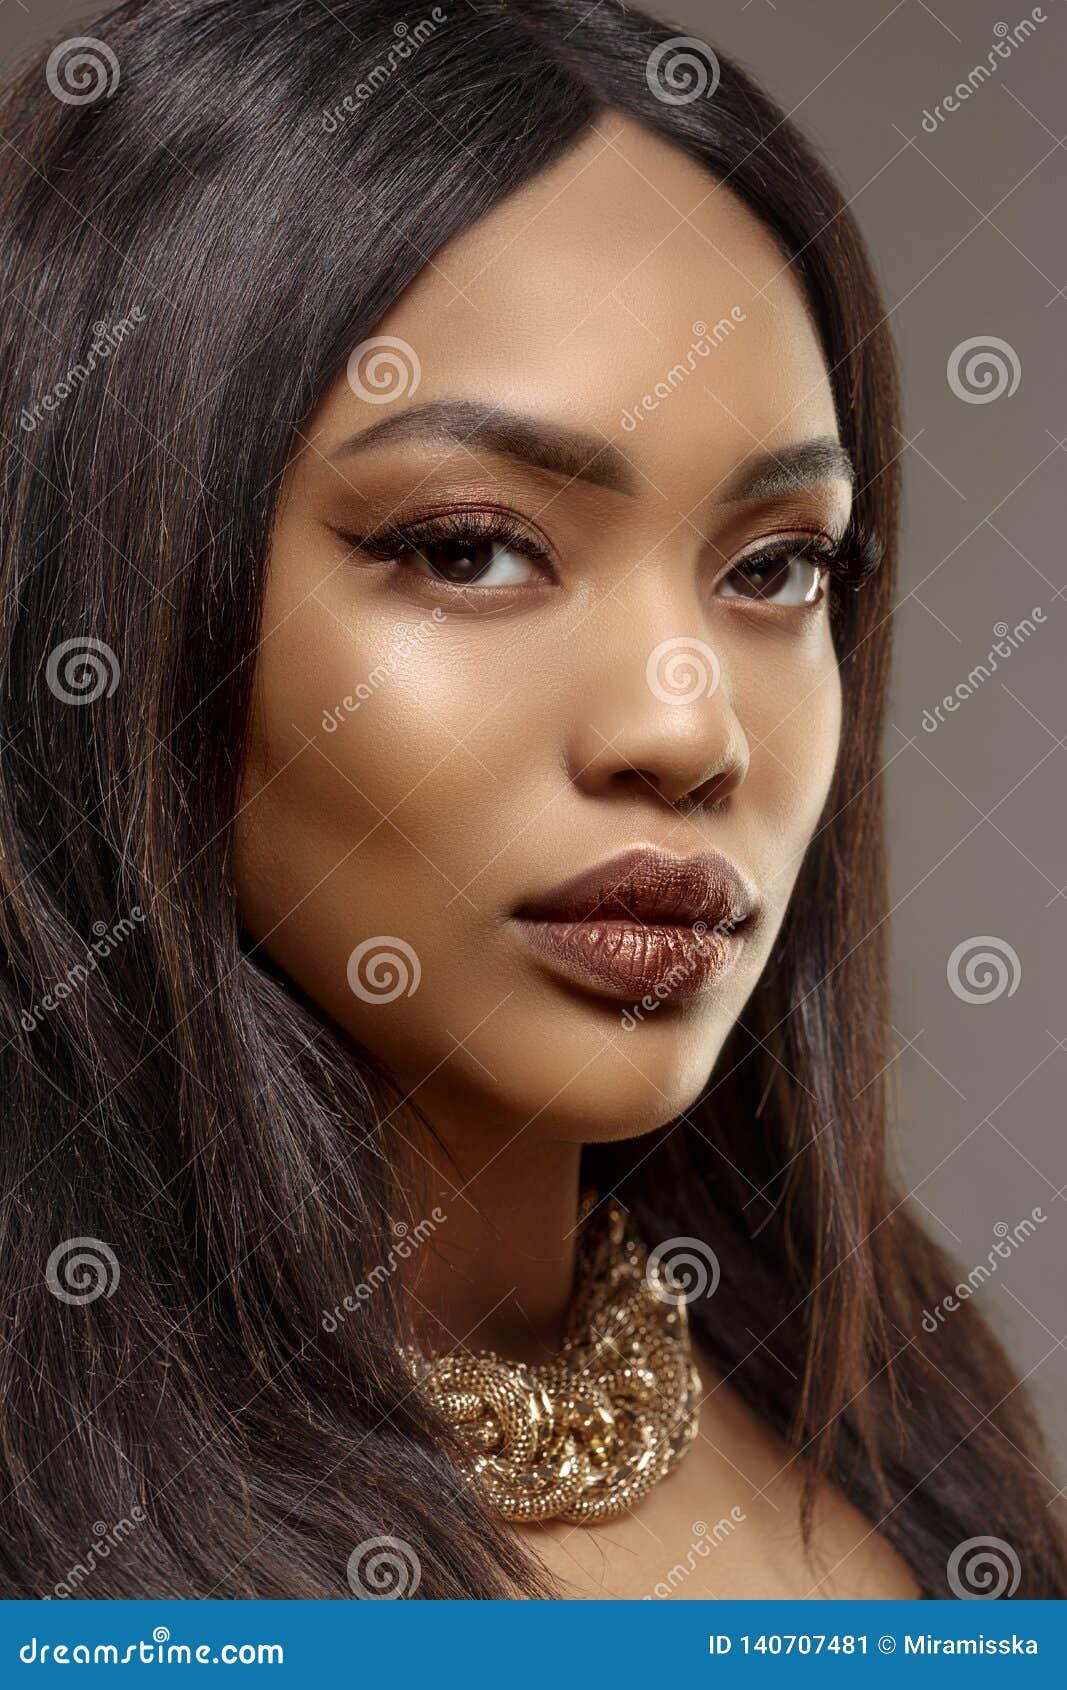 De vrouwen Afrikaans Etnisch vrouwelijk gezicht van de schoonheids zwart huid Jong Afrikaans Amerikaans model met lang haar